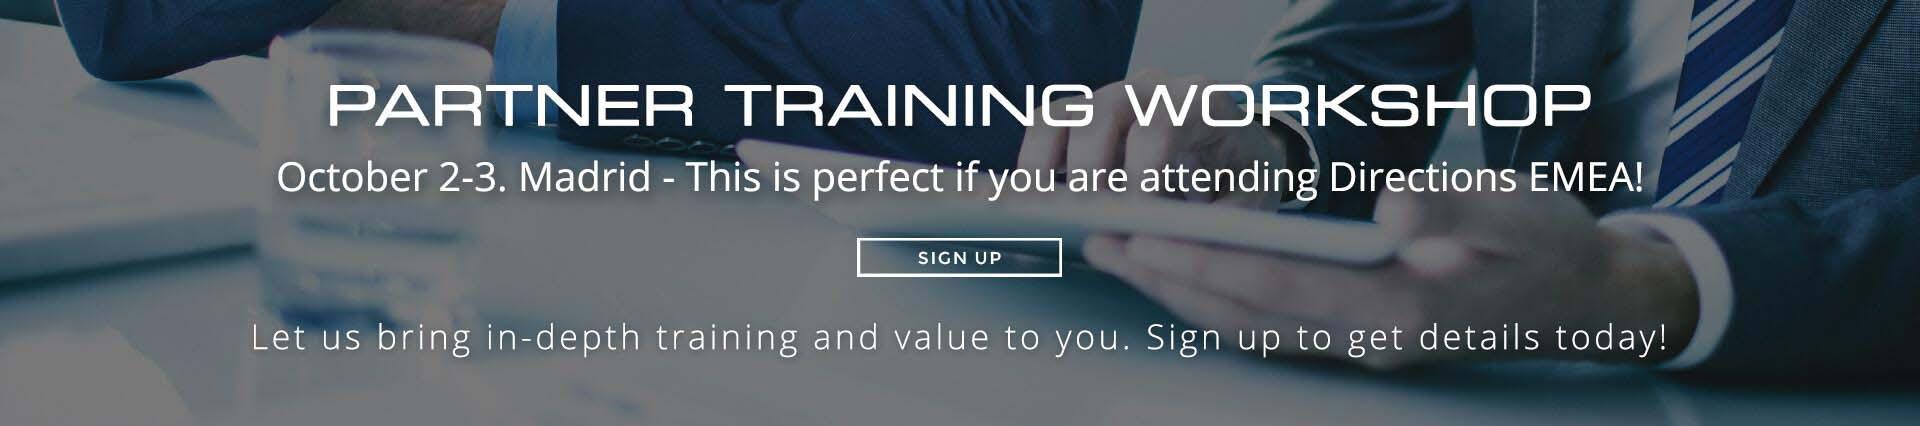 Digital Vantage Point Partner Training Workshop